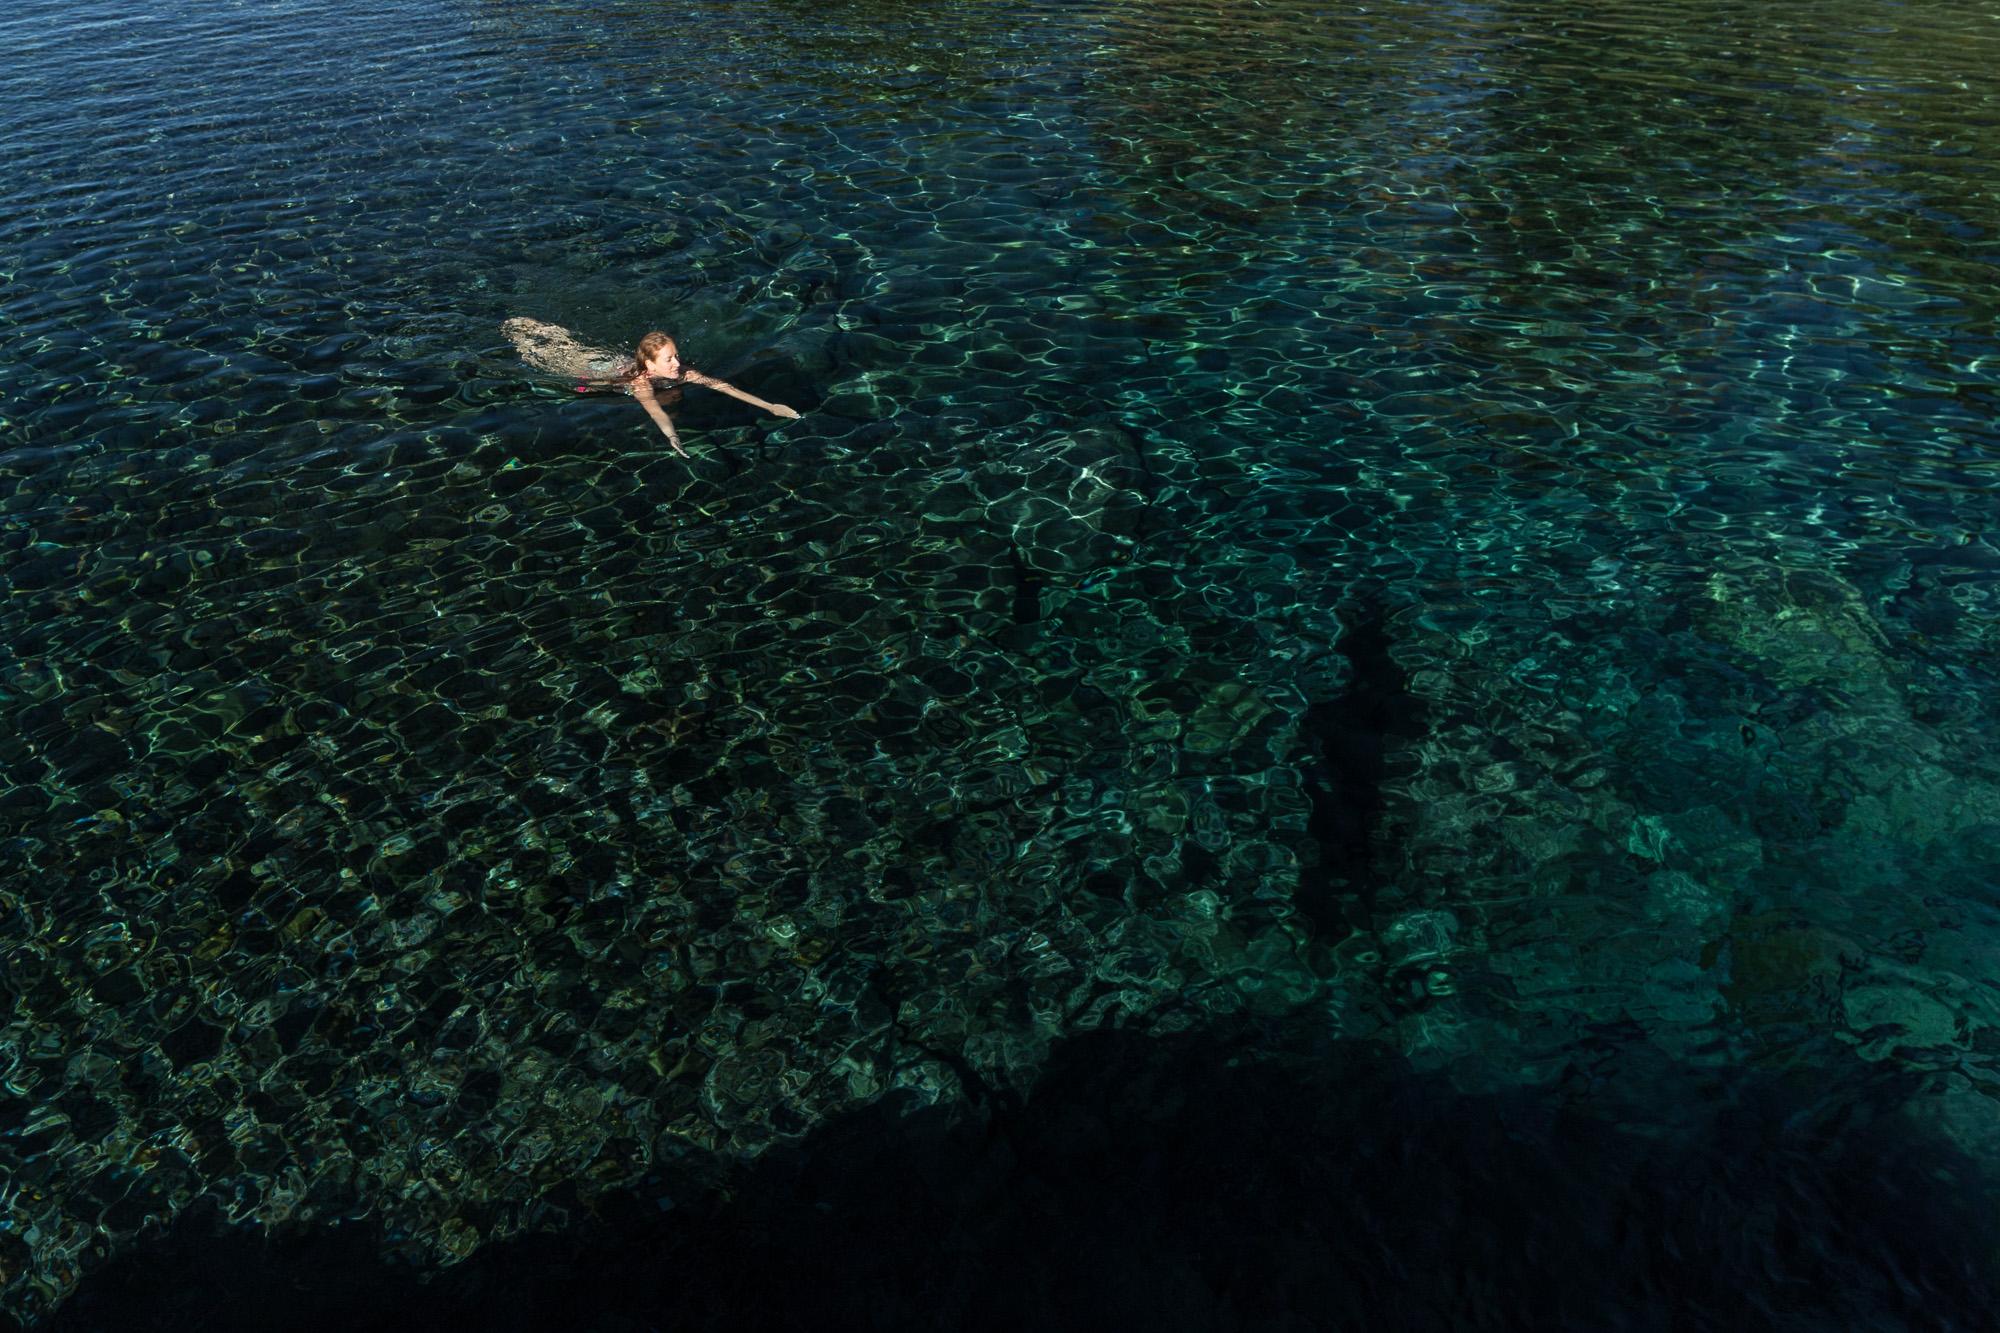 Nageuse dans l'eau transparente de bassin bleu, sainte anne, la reunion